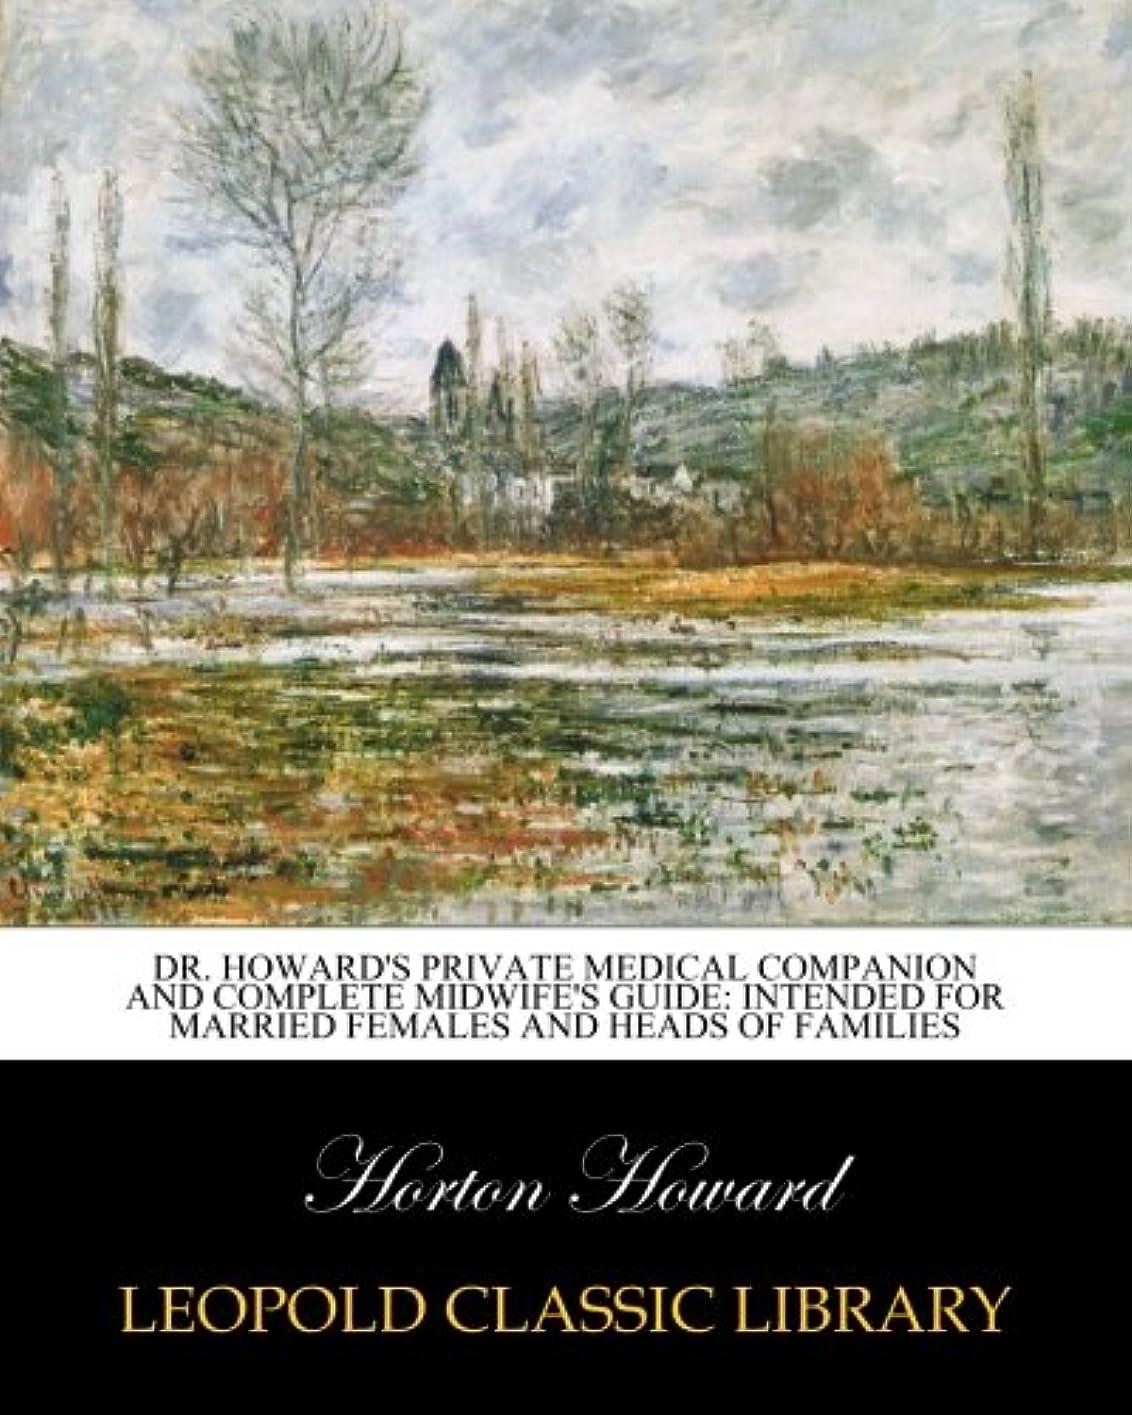 コントローラスリップただDr. Howard's private medical companion and complete midwife's guide: Intended for Married females and heads of families